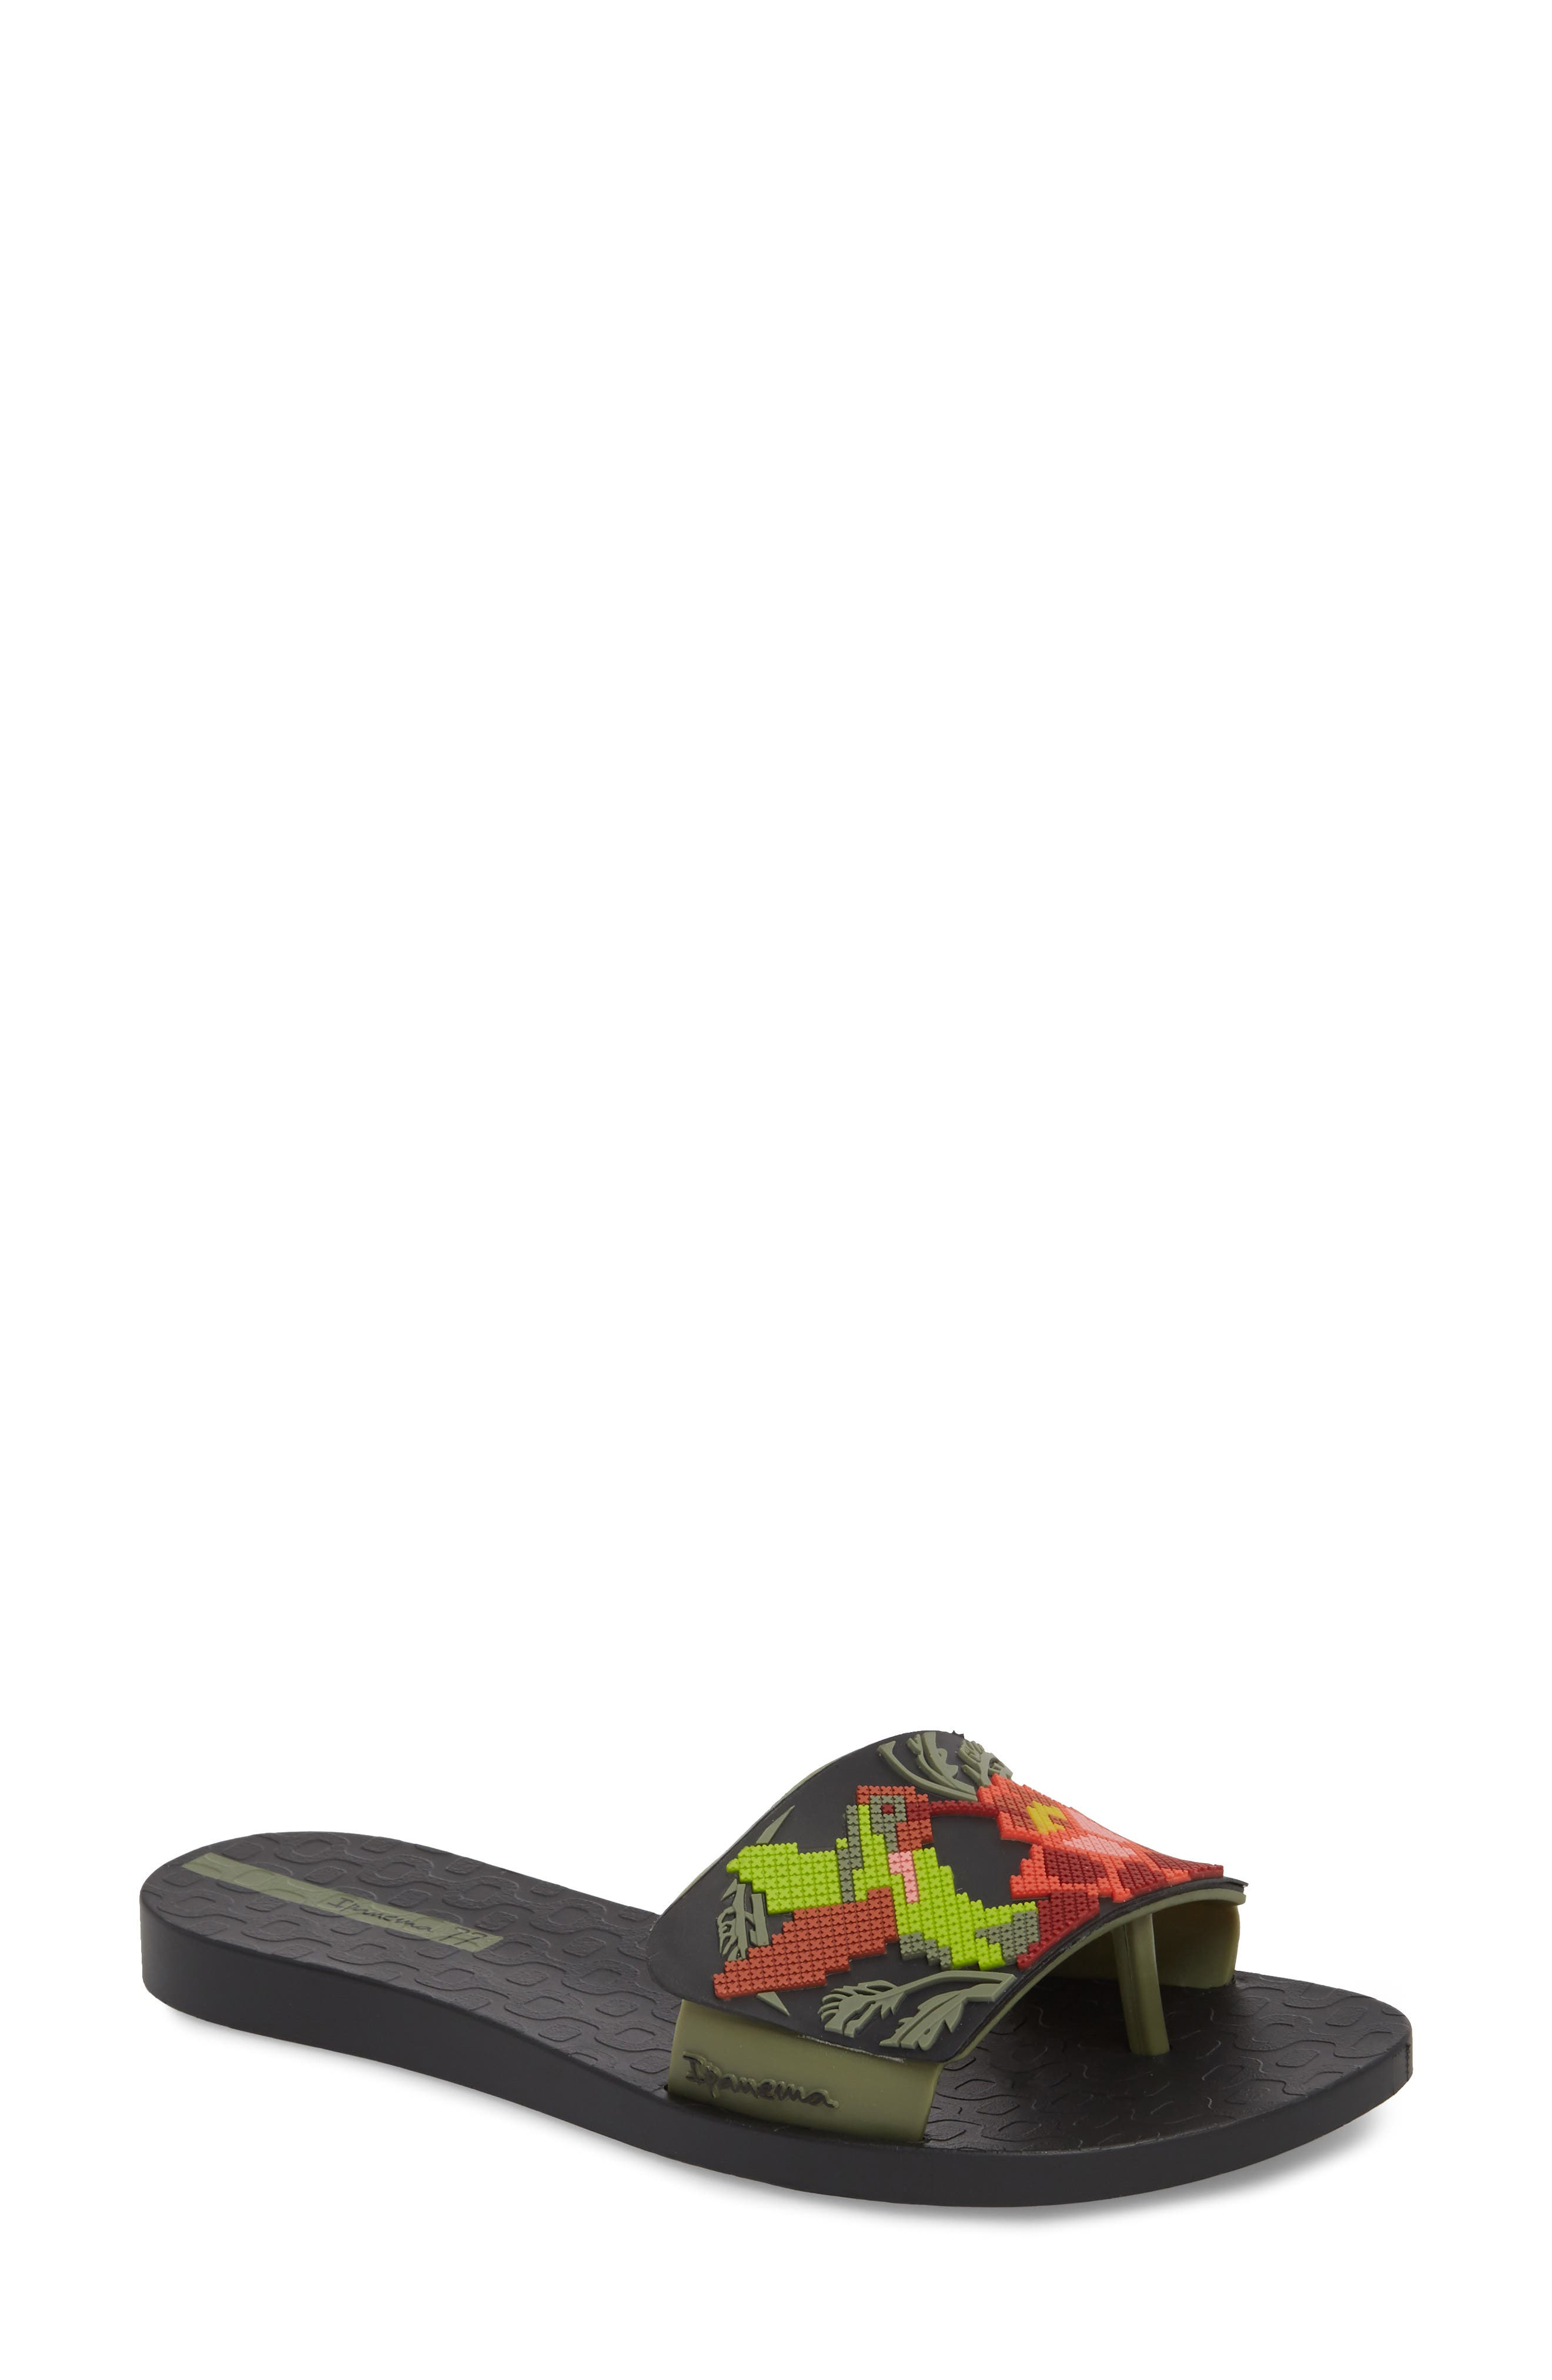 Nectar Floral Slide Sandal,                         Main,                         color, BLACK/ GREEN